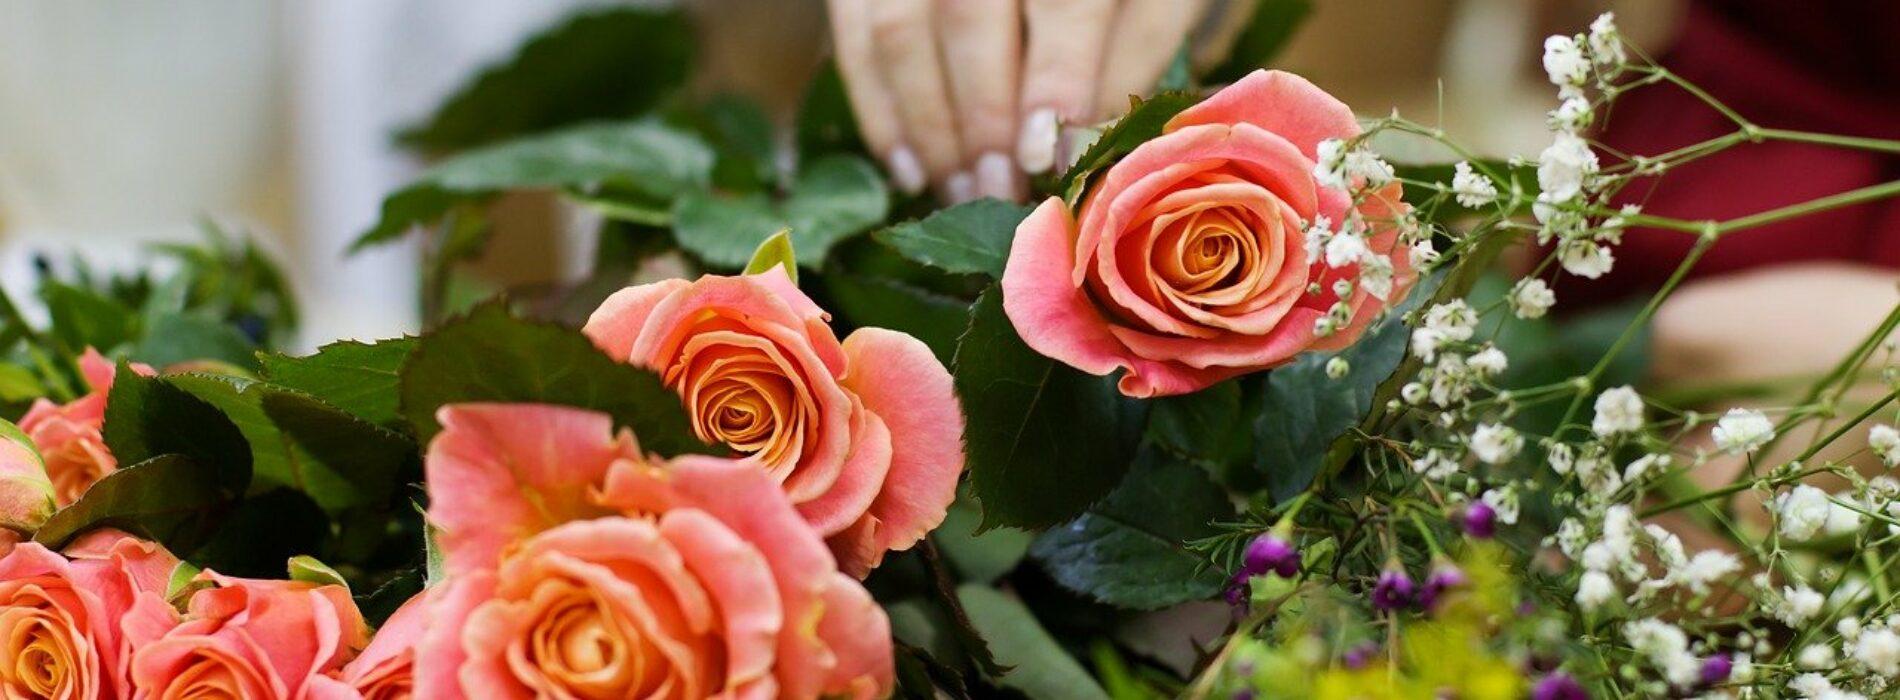 Jakie meble do kwiaciarni? Mamy sprawdzone propozycje!